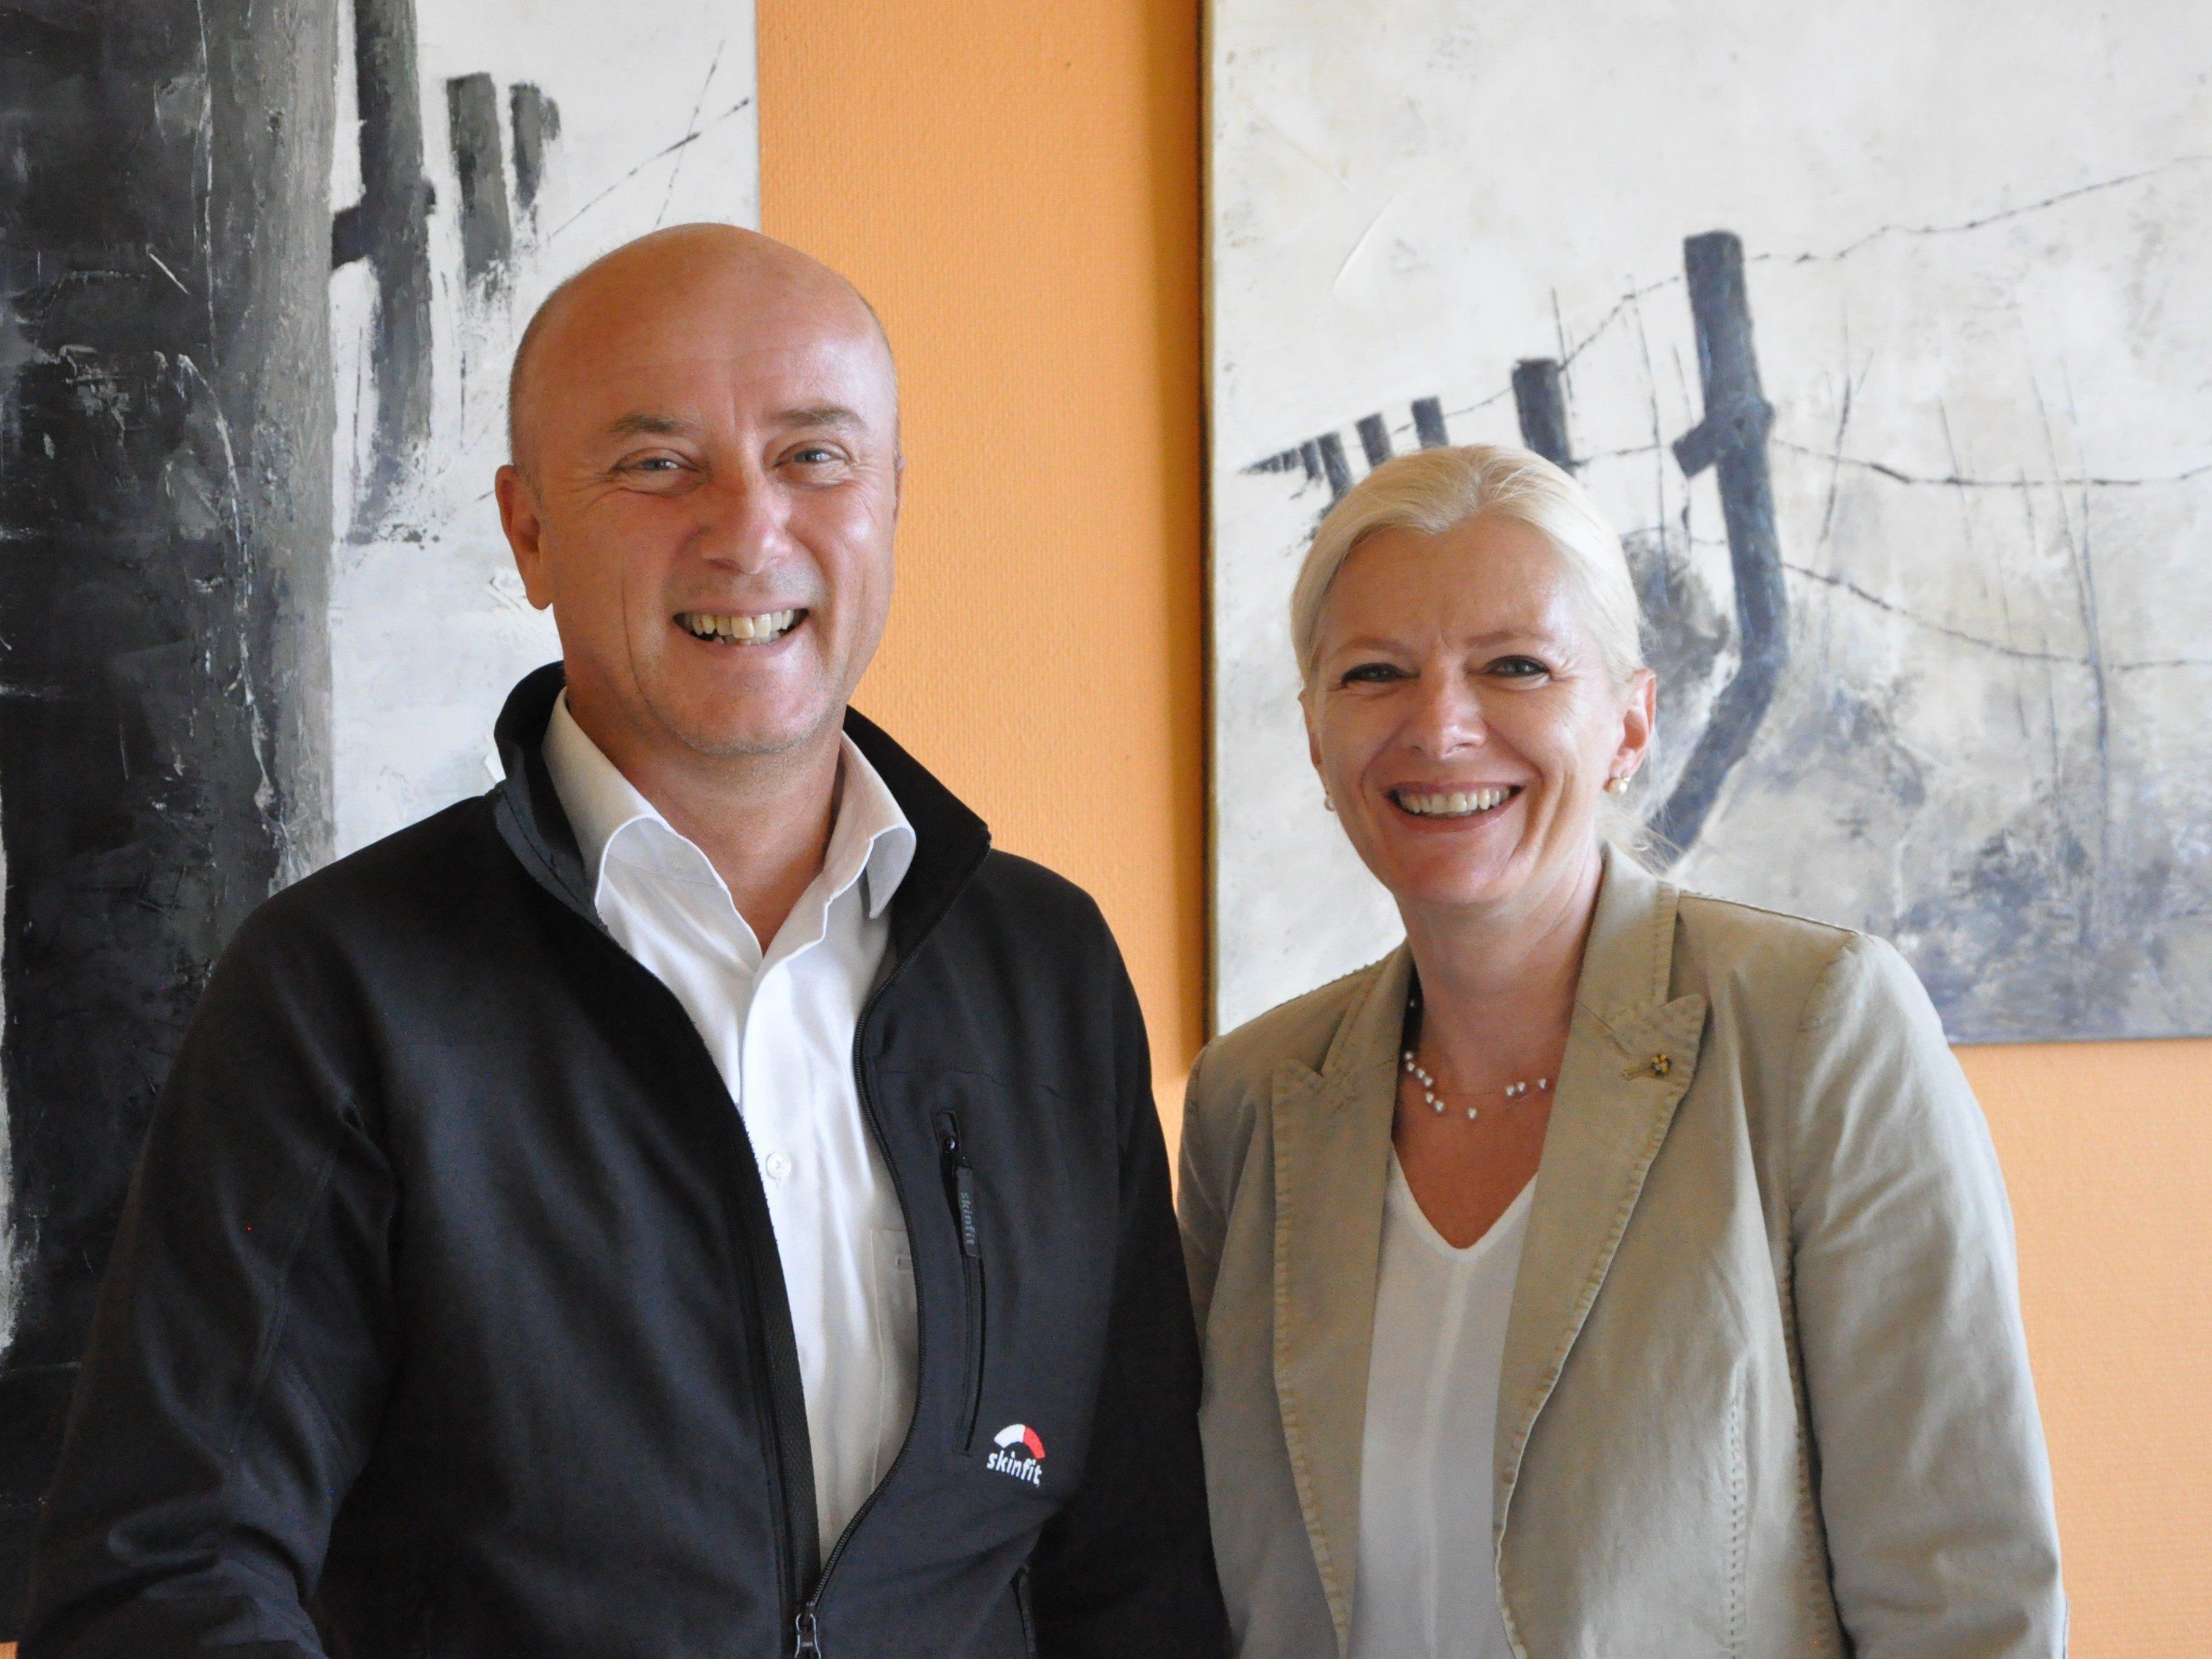 Neo - Obmann Raimund Frick arbeitet eng mit Lebenshilfe Geschäftsführerin Michaela Wagner zusammen.